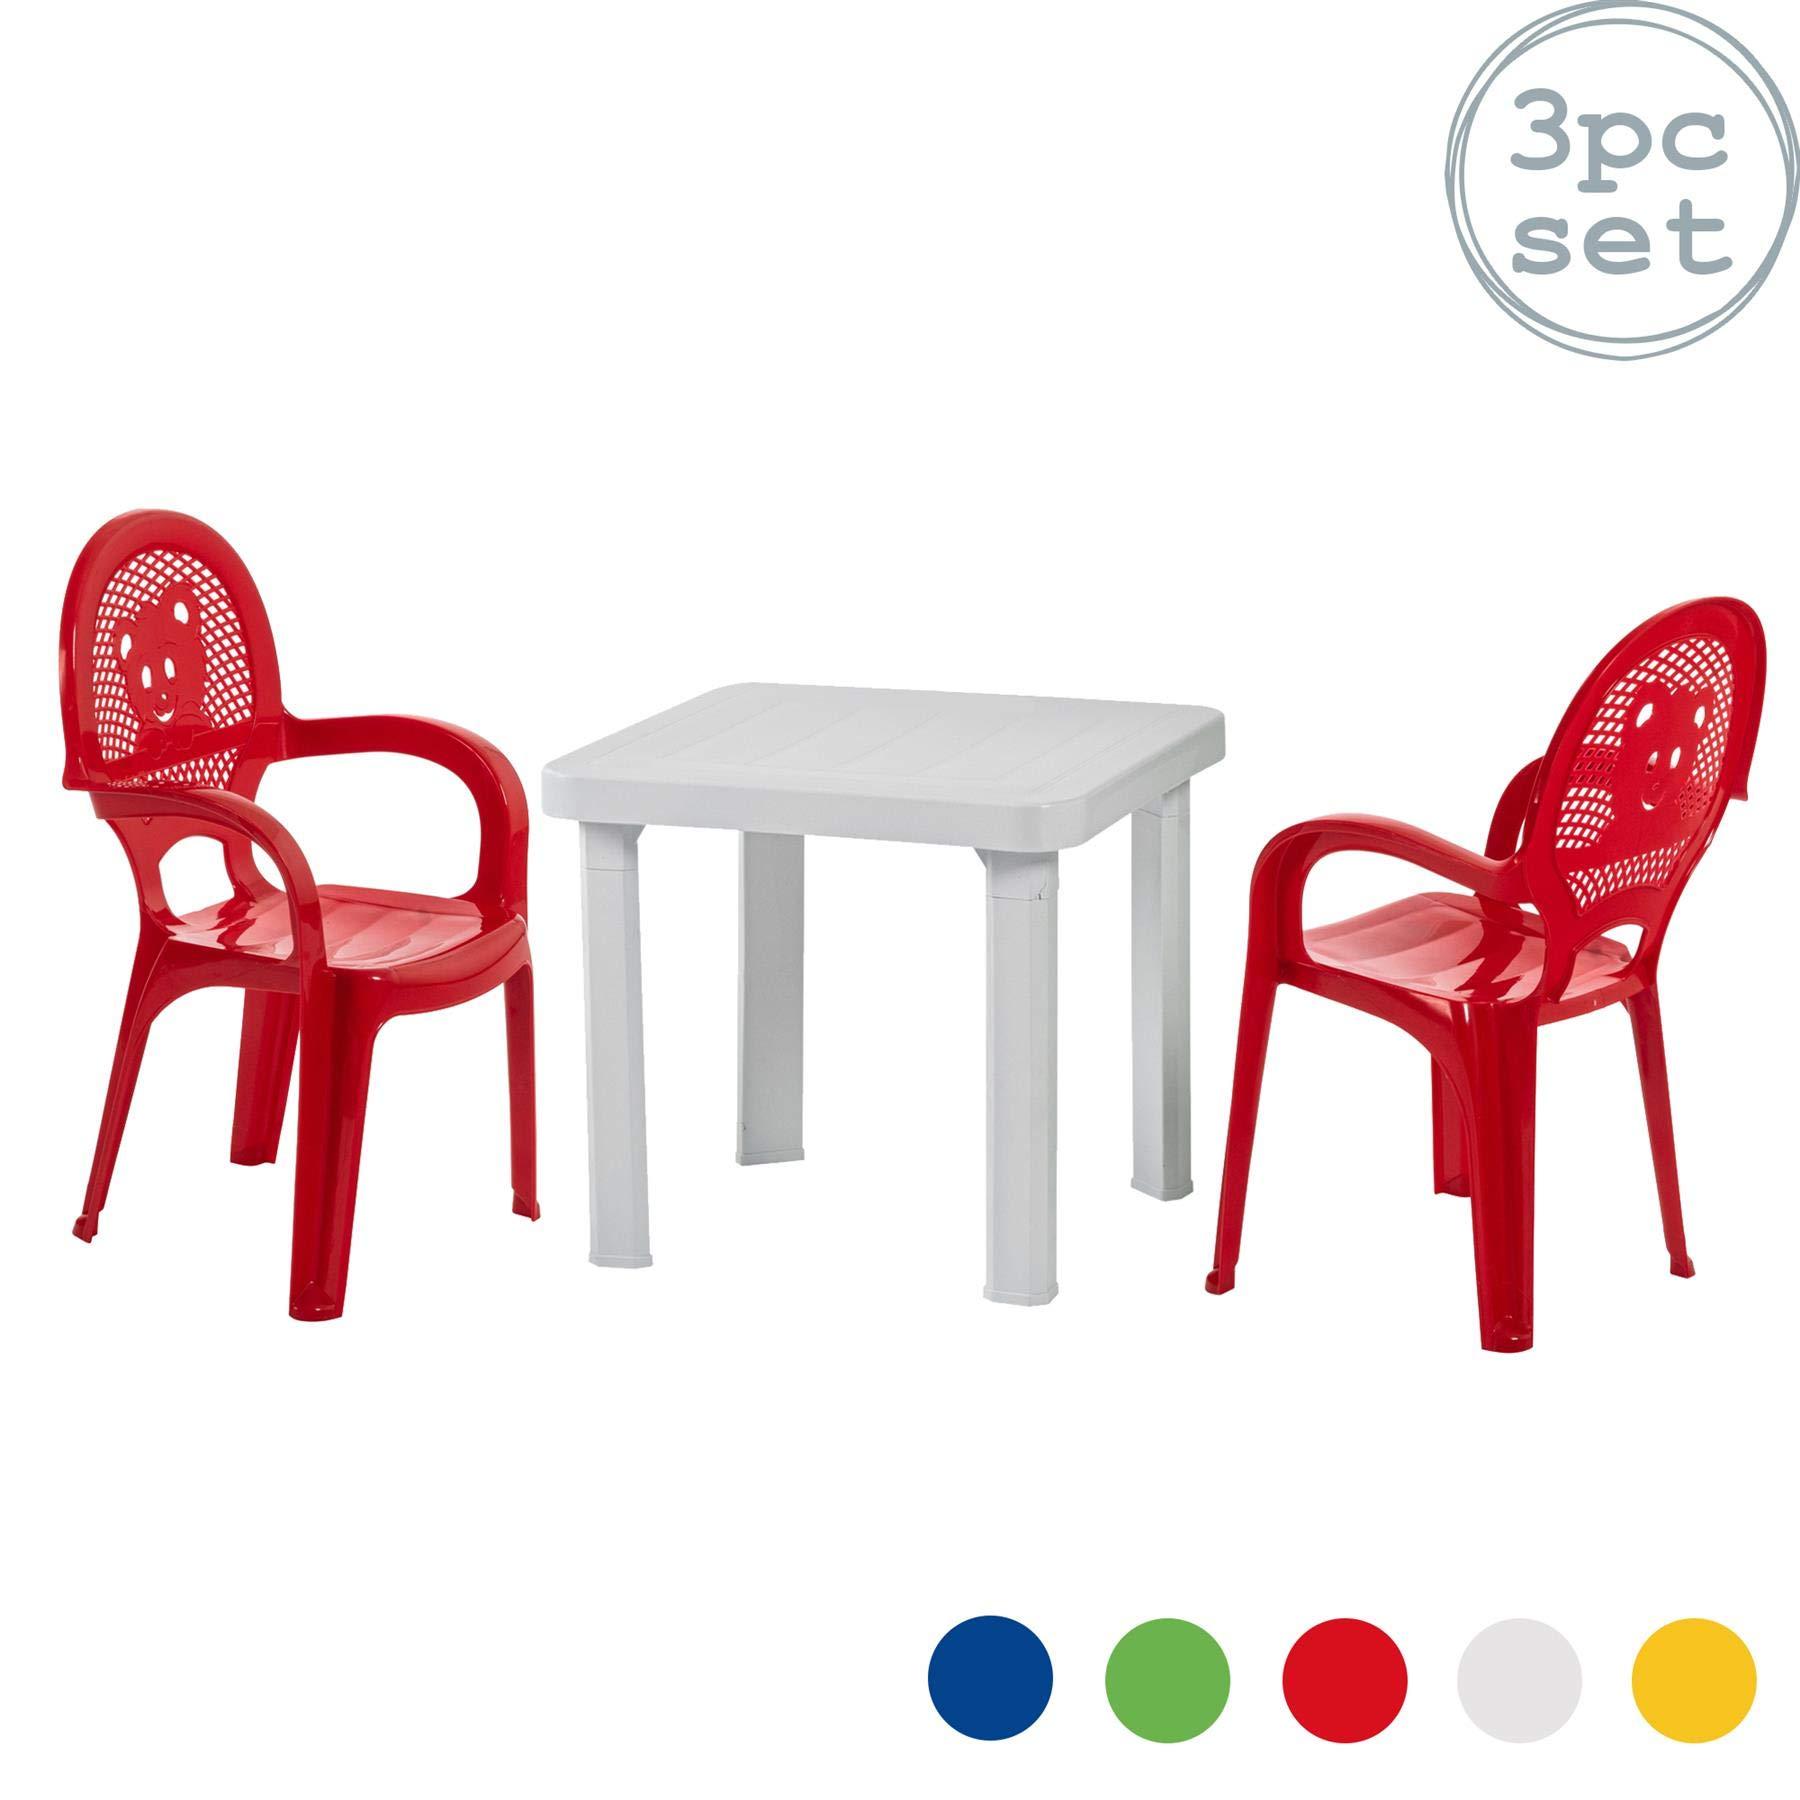 resol para niños sillas de jardín plástico para jardín y Exteriores y Juego de Mesa - Rojo sillas, Blanca - Muebles para niños (Unidades 2 sillas y 1 Mesa): Amazon.es: Jardín